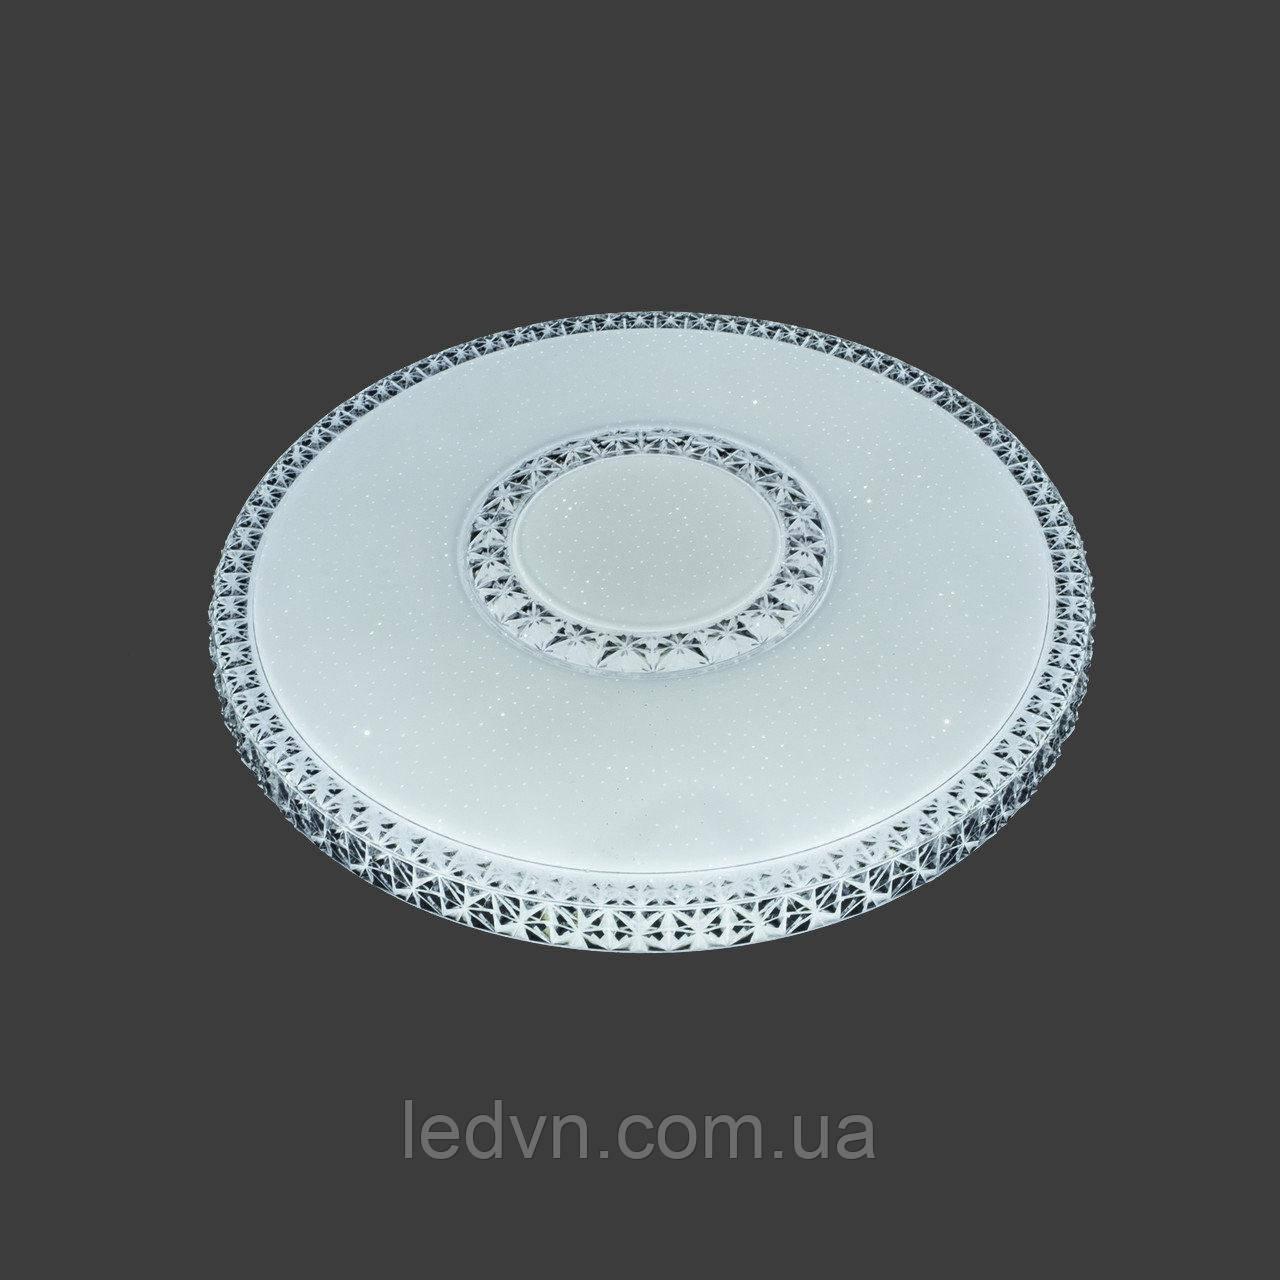 Светильник потолочный 48 ватт DIAMOND